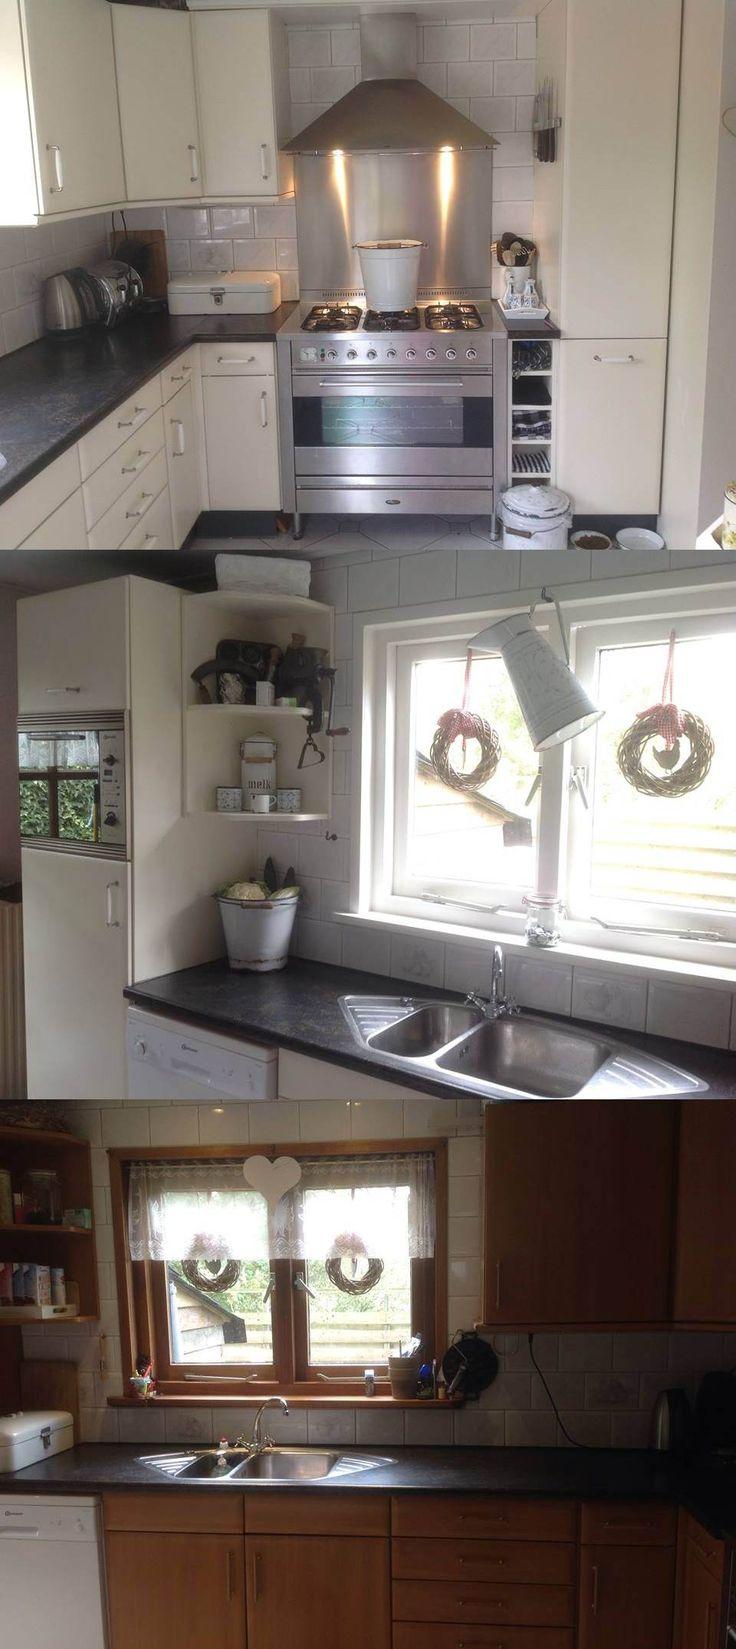 Beuken fineer keuken geschilderd met Annie Sloan original white. Zo mooi geworden. Groetjes Marieken